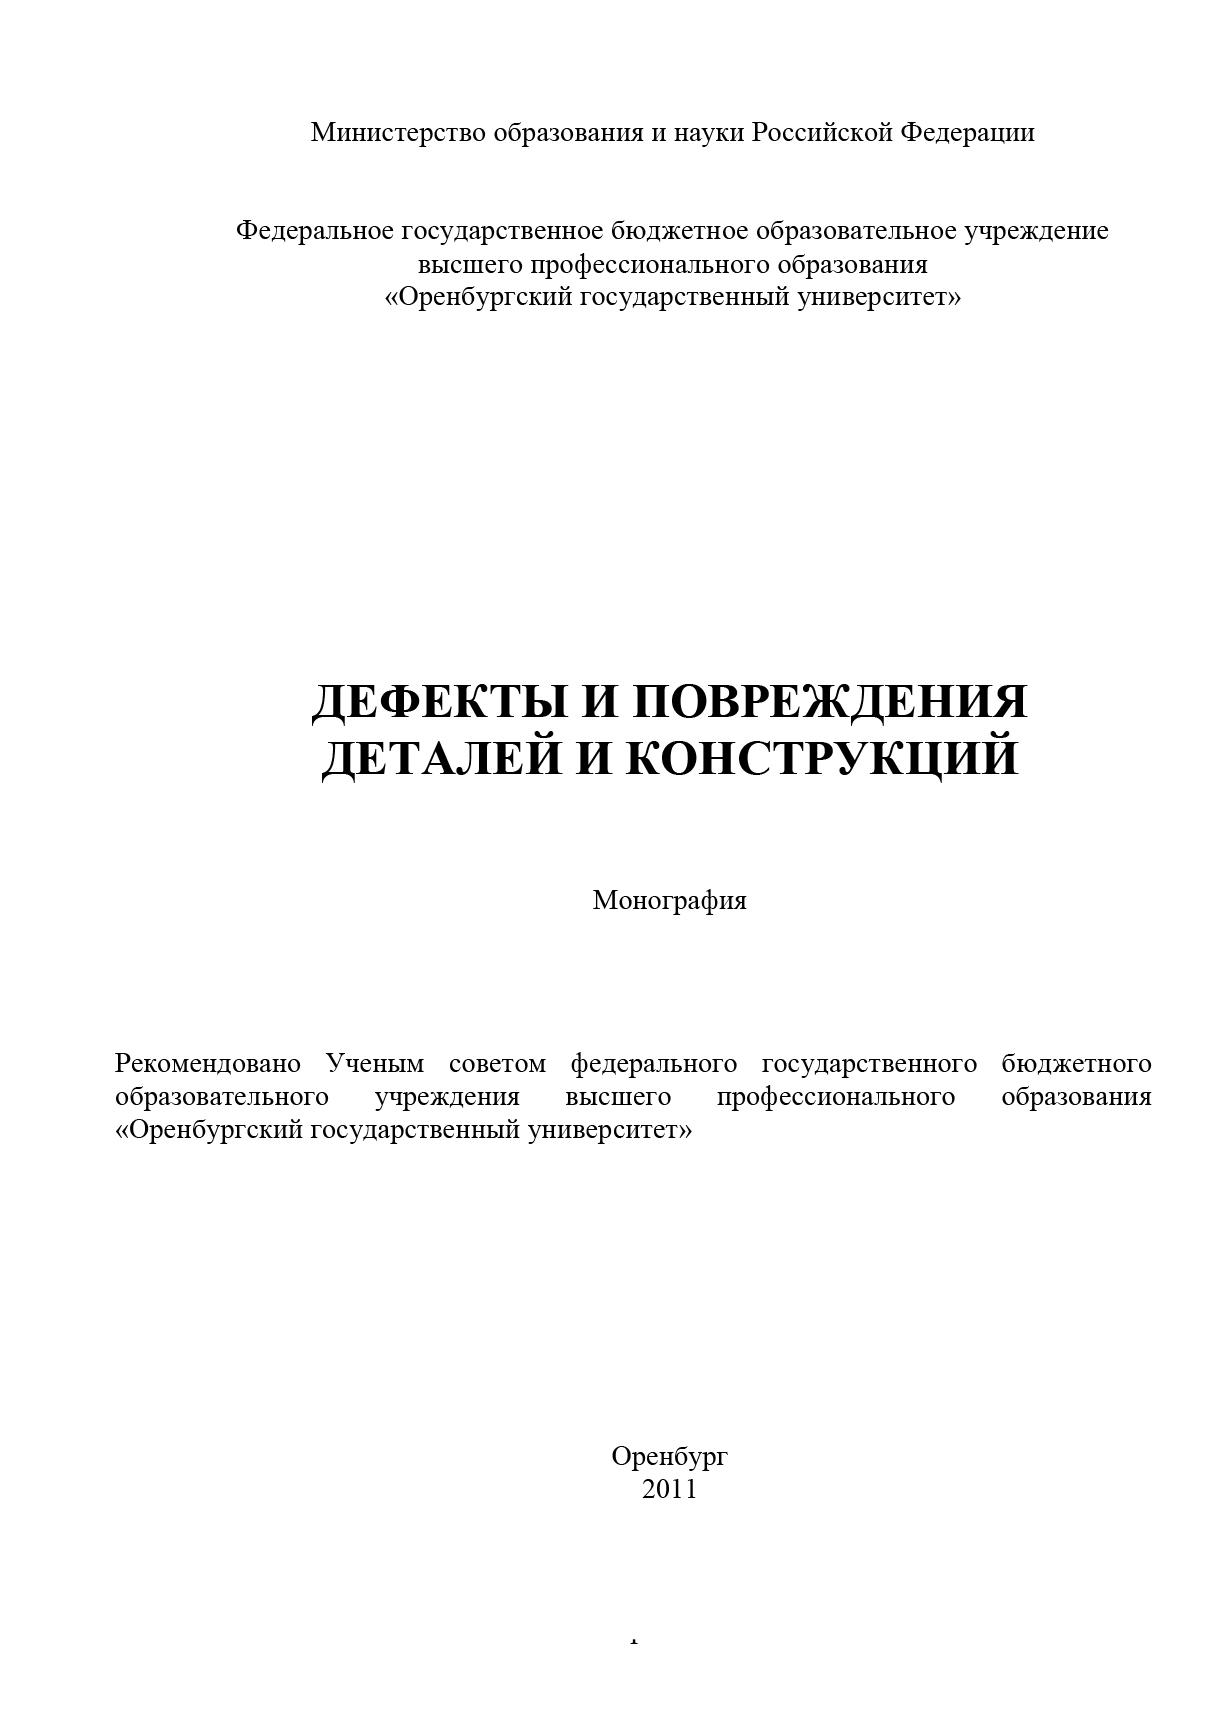 Коллектив авторов Дефекты и повреждения деталей и конструкций